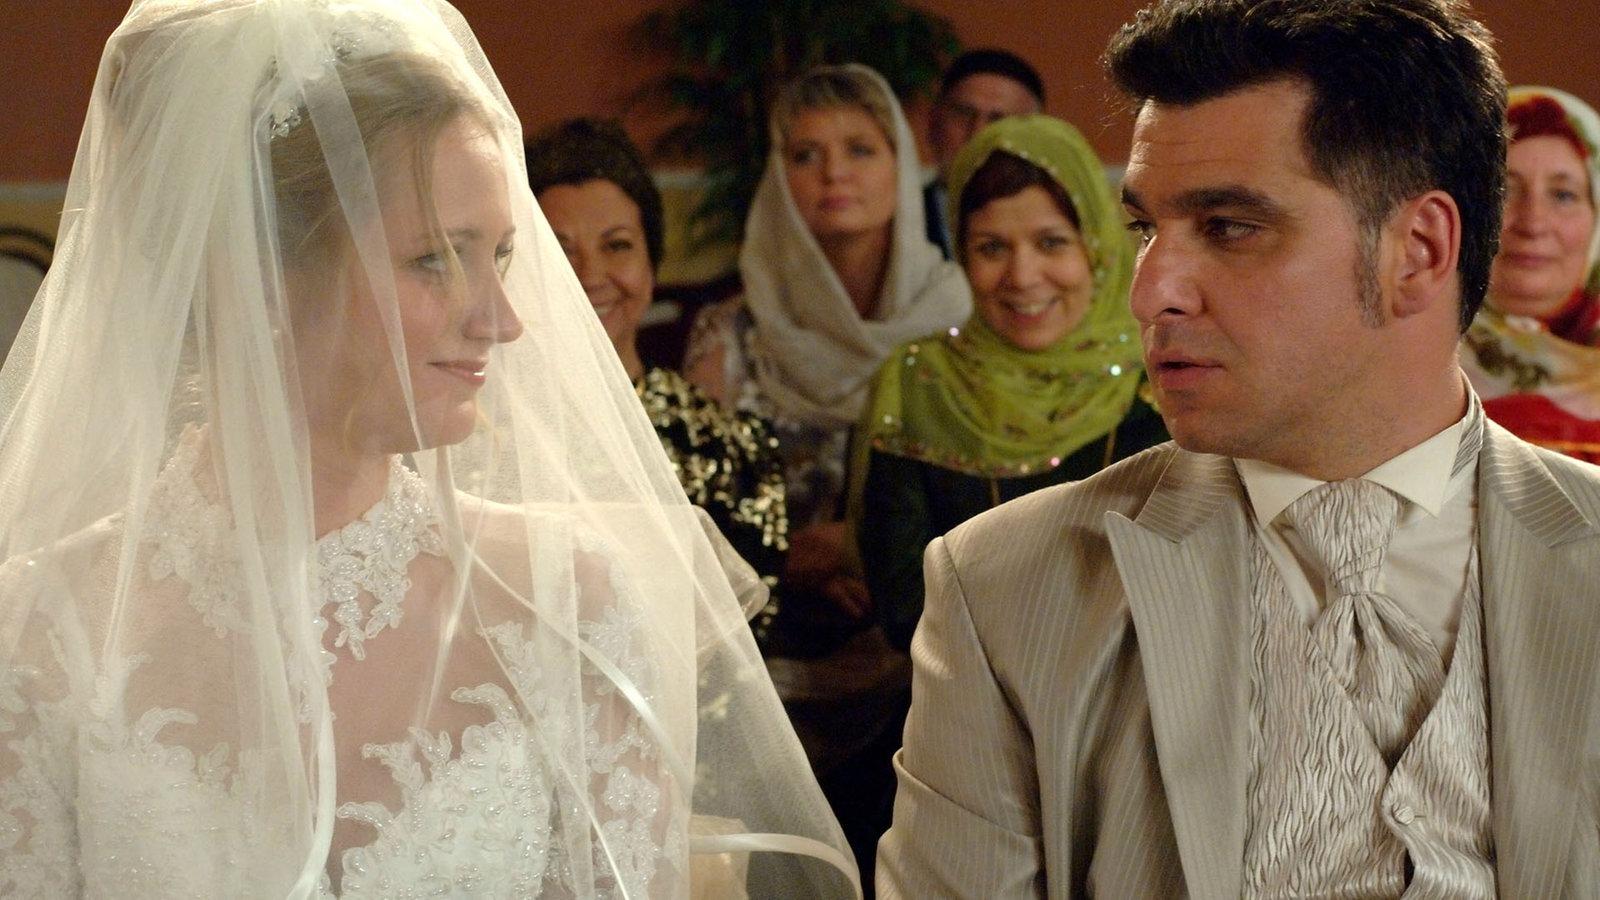 Best Of Hochzeiten In Der Lindenstrasse Videos Lindenstrasse